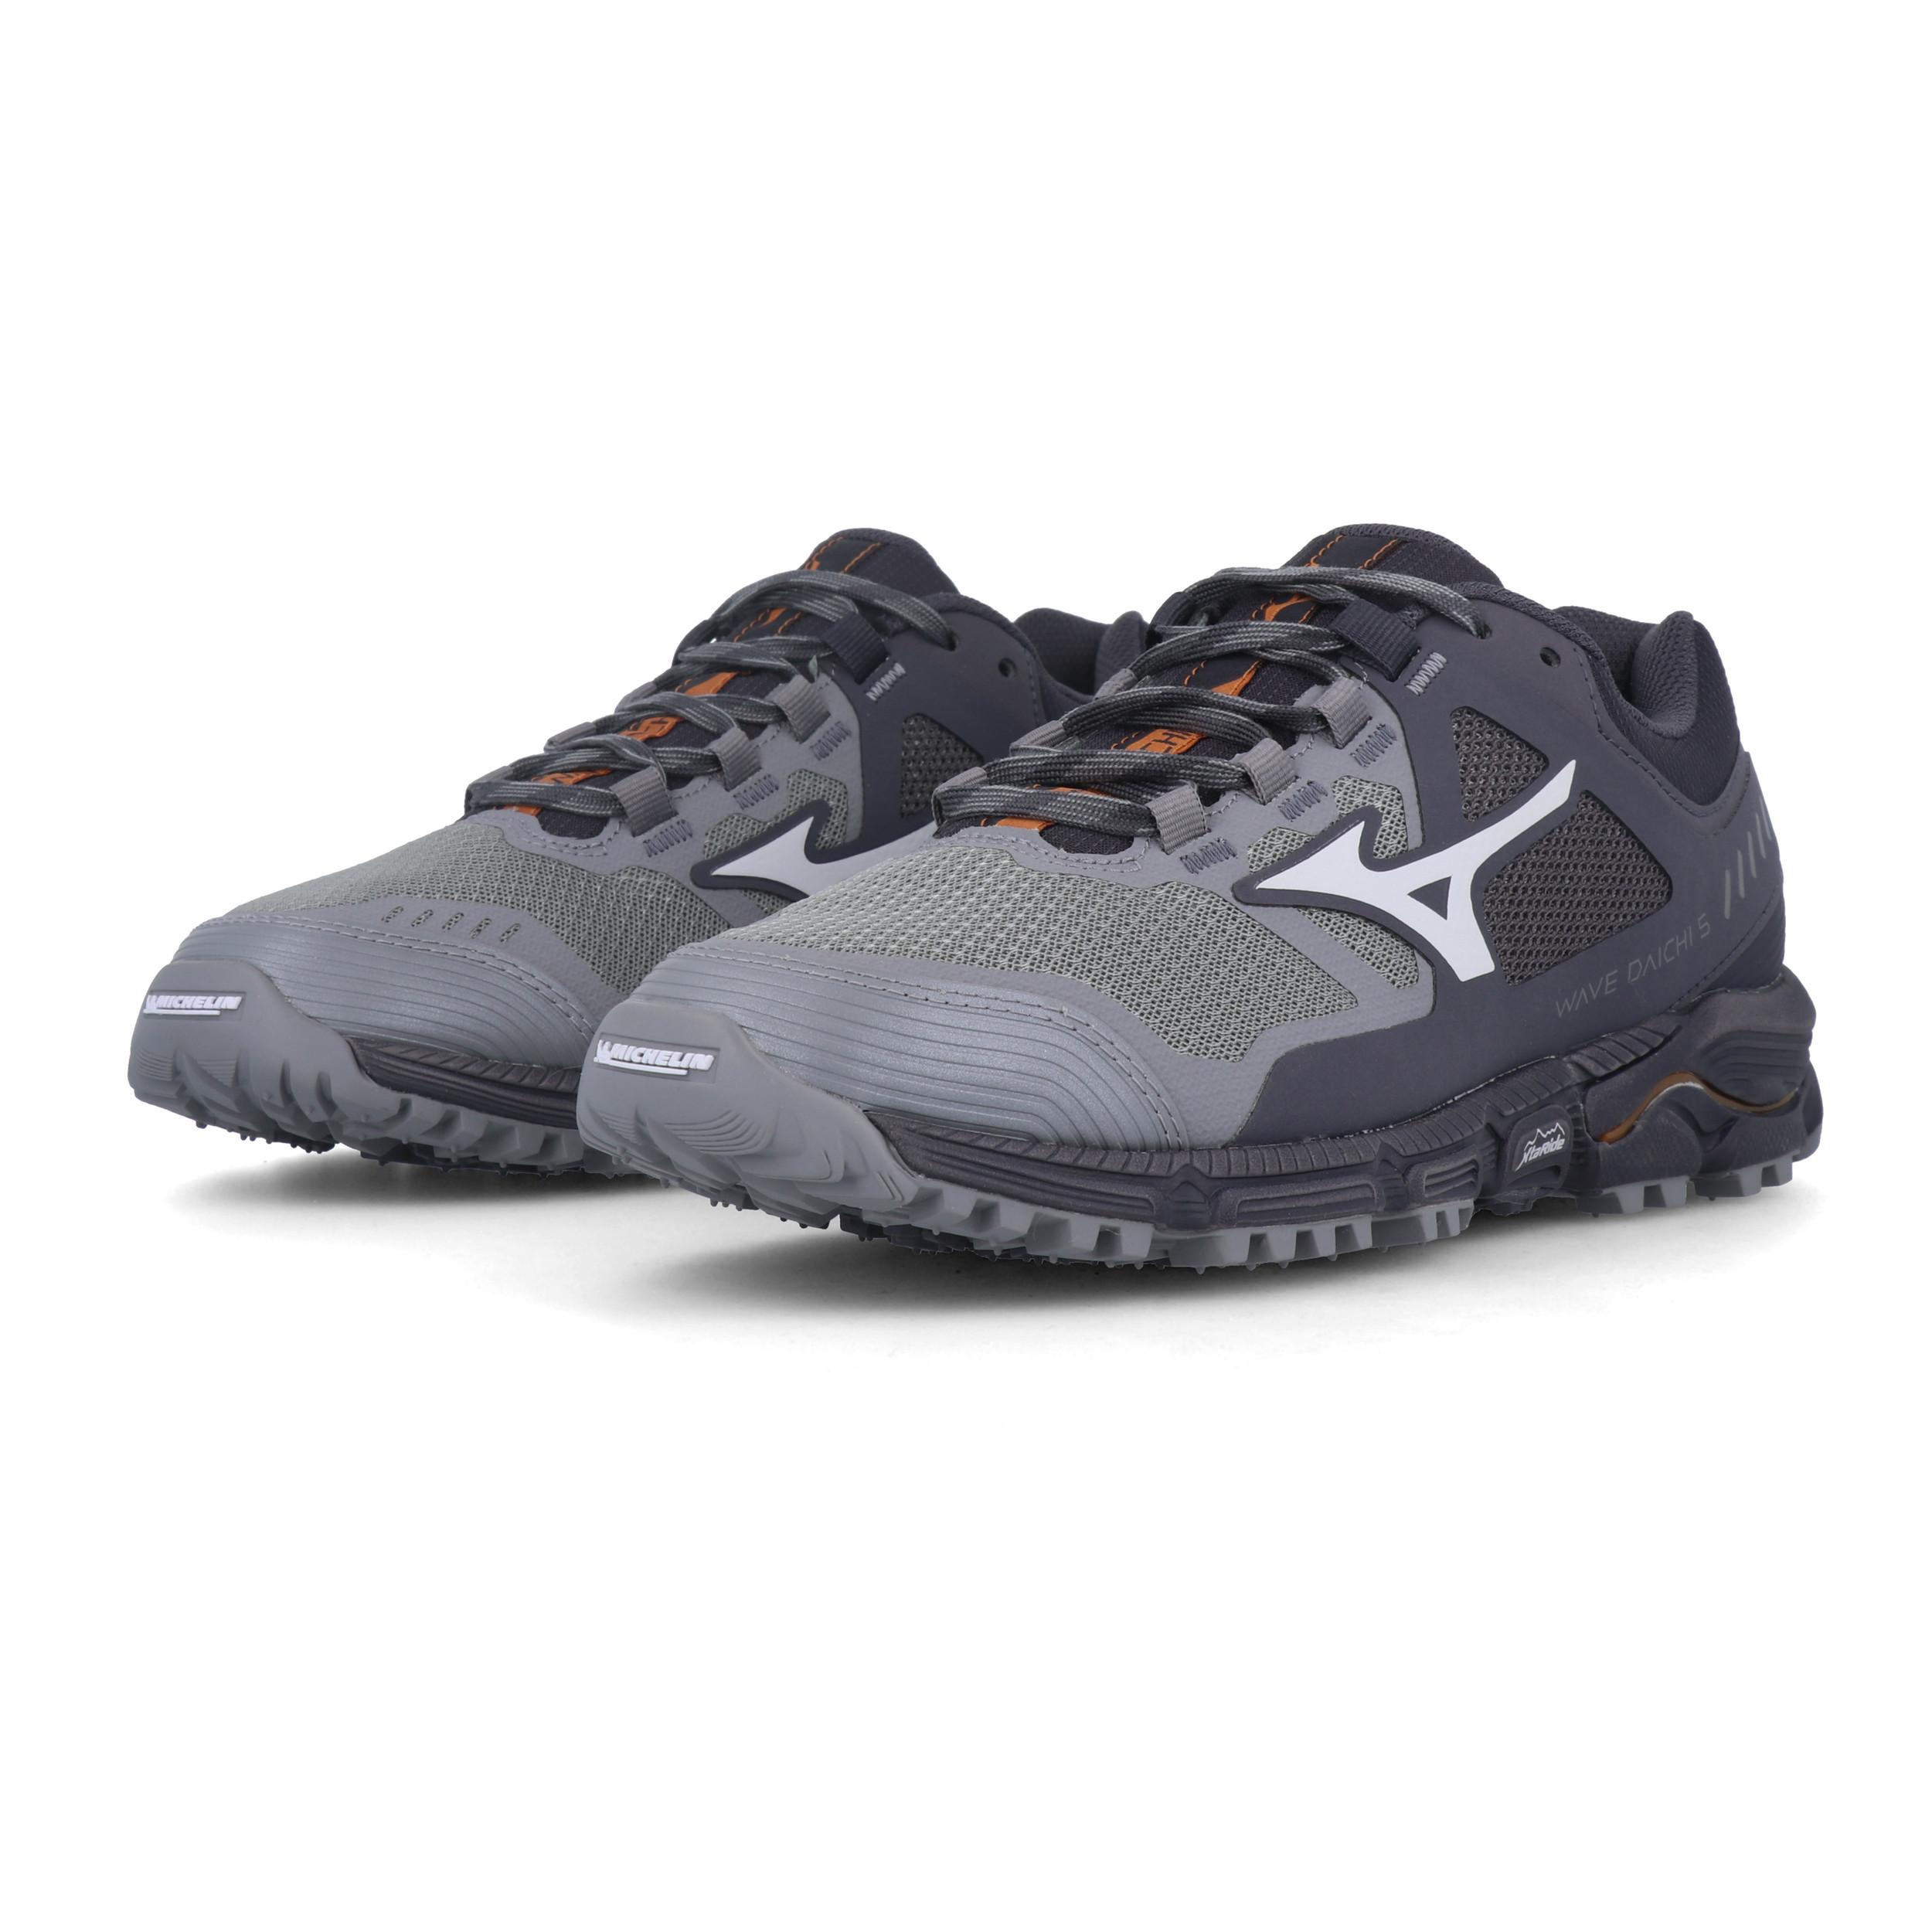 Mizuno Wave Daichi 5 Trail Running Shoes - SS20